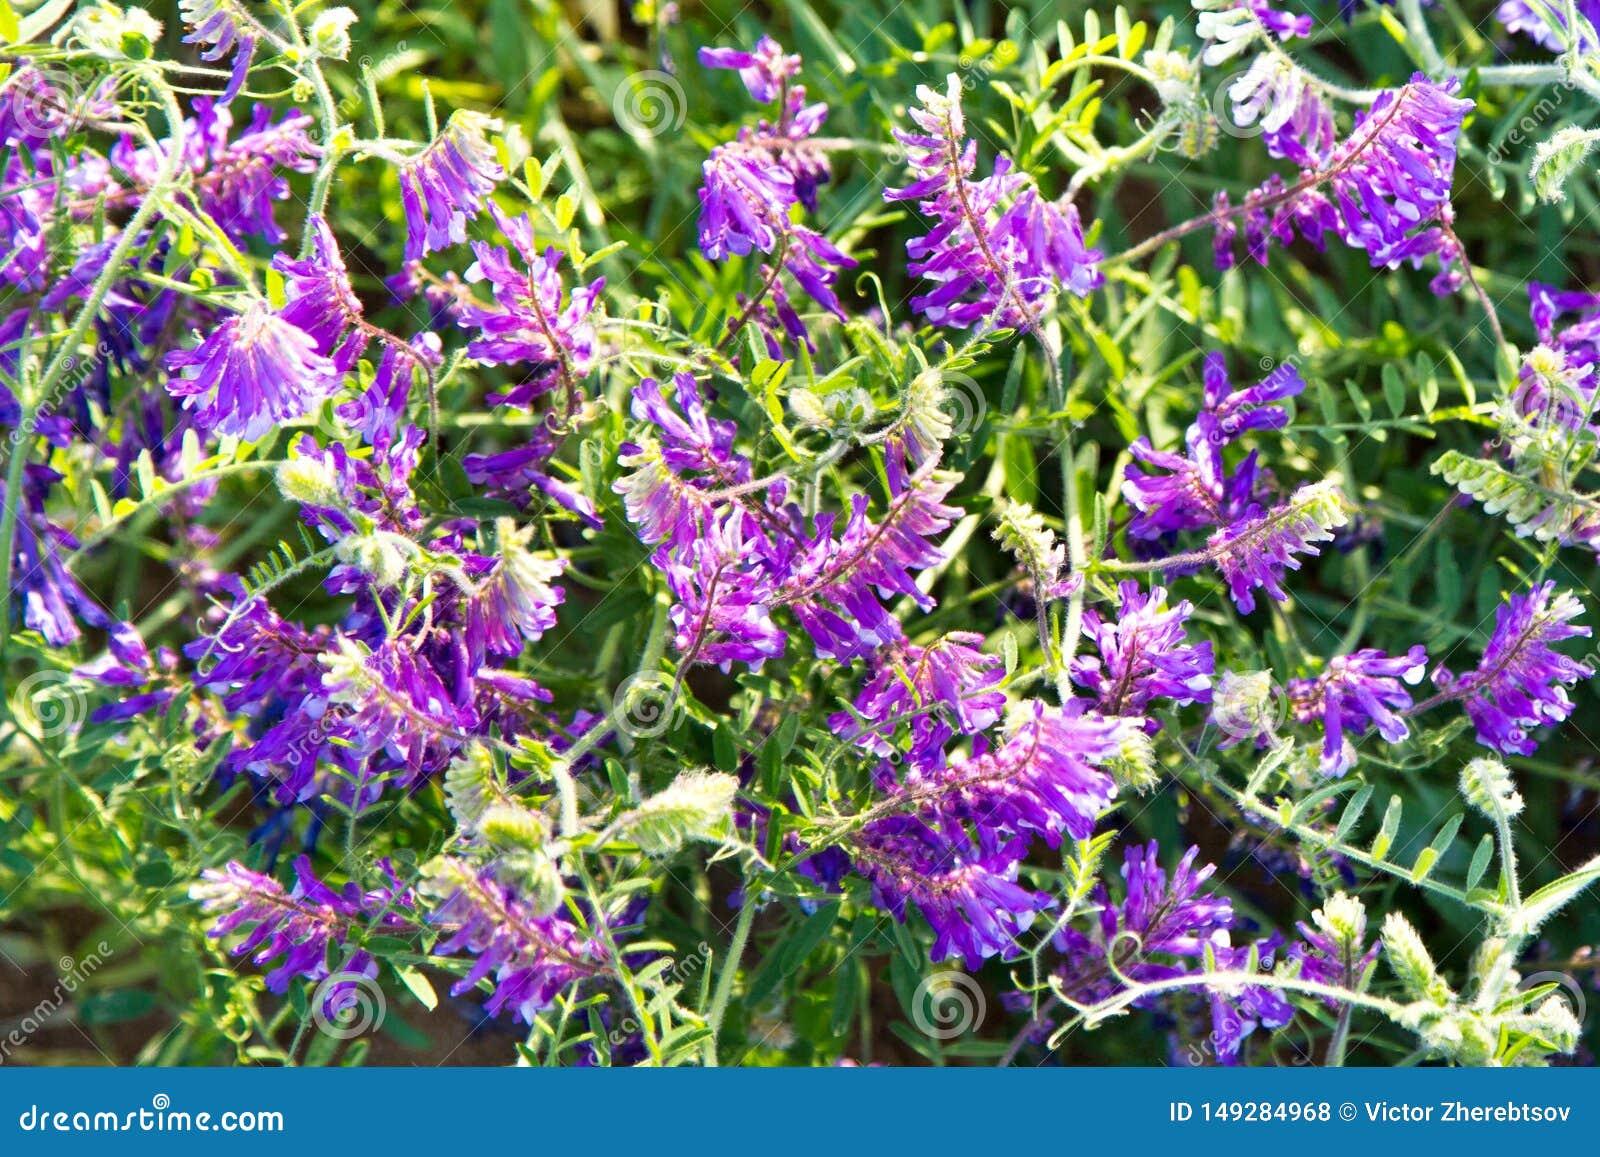 Guisantes del ratón de la hierba con las flores púrpuras en los rayos del sol poniente